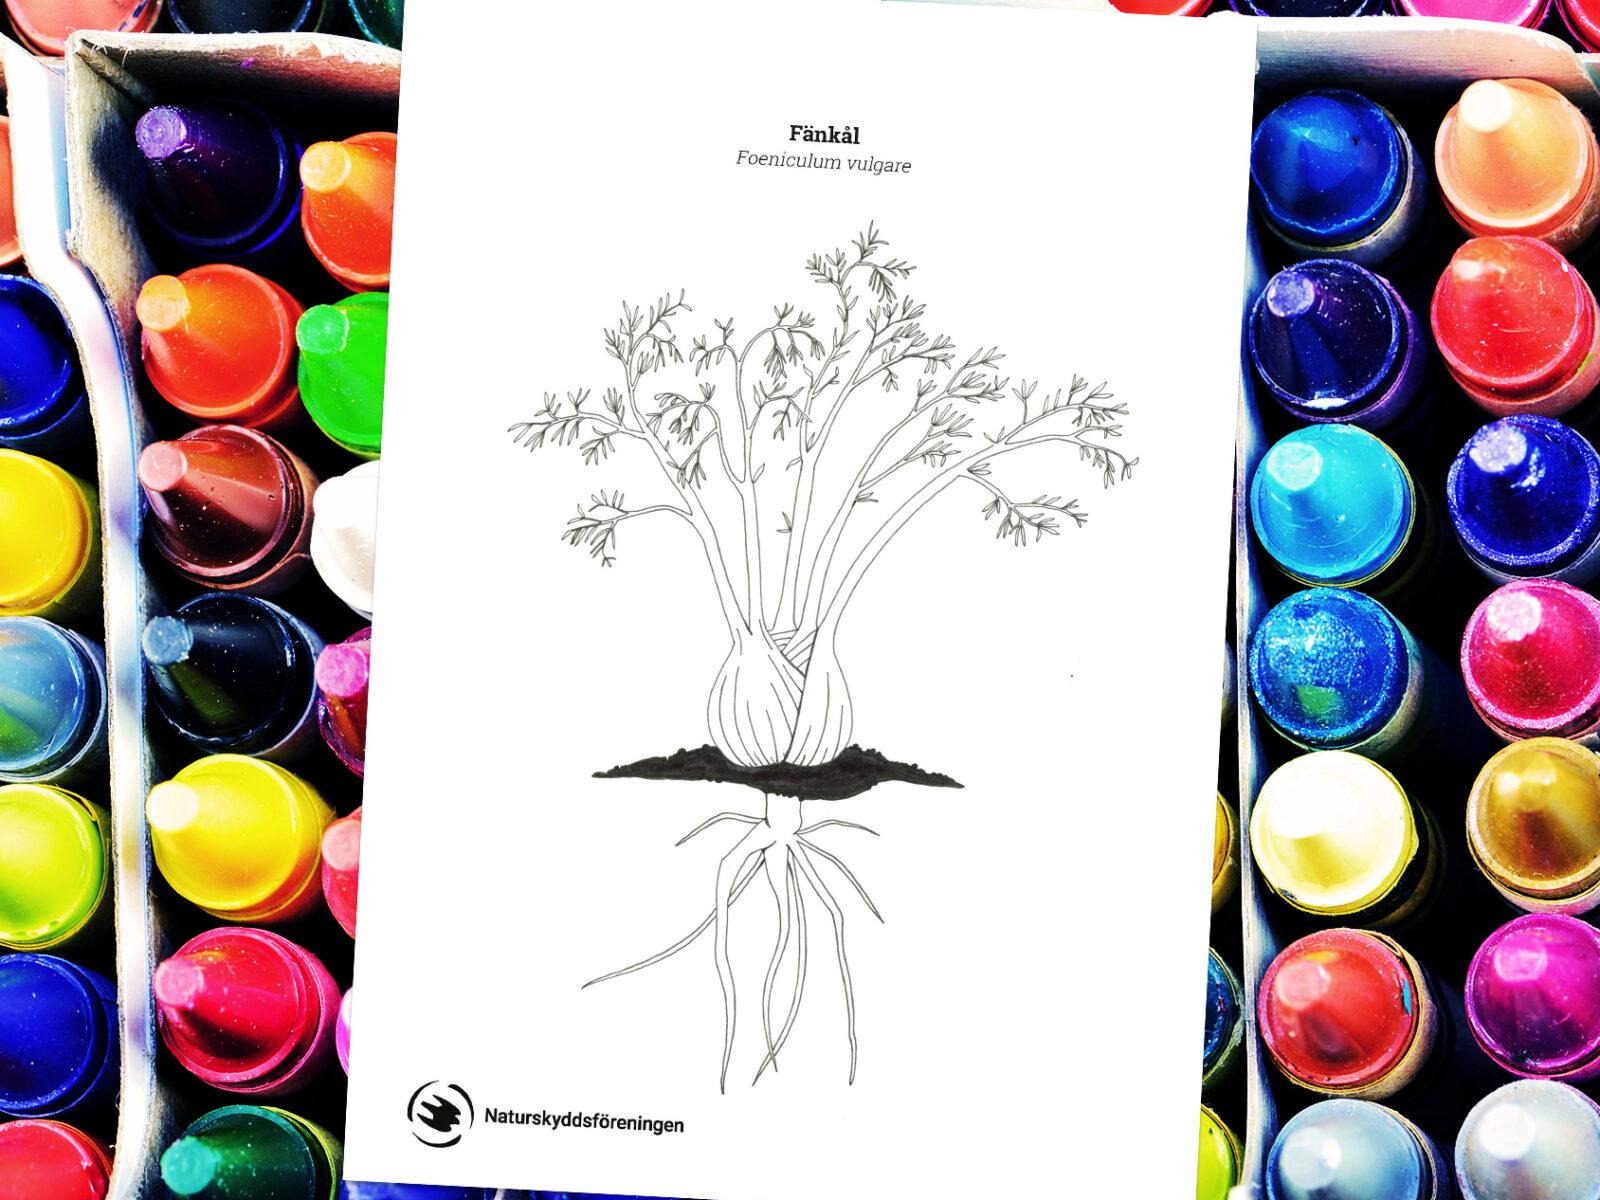 skolträdgård, skolträdgården, ritblad, växter, djur, trädgård, rita